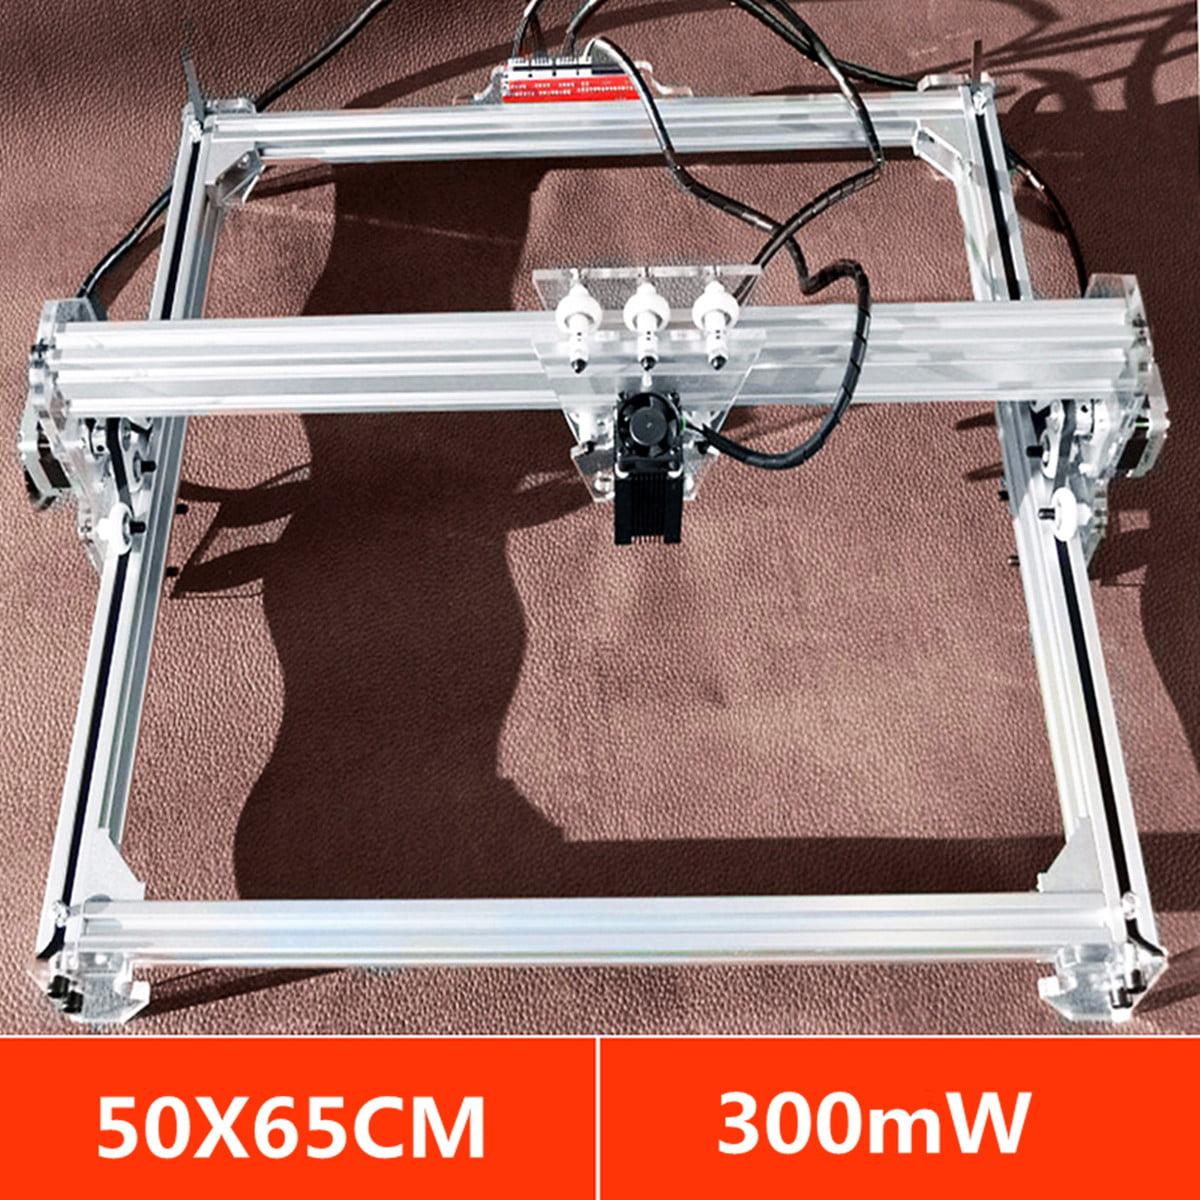 """20""""X26"""" DIY engraving Desktop Mini Laser Engraving Cutting Machine Printer Kit CNC Engraver"""